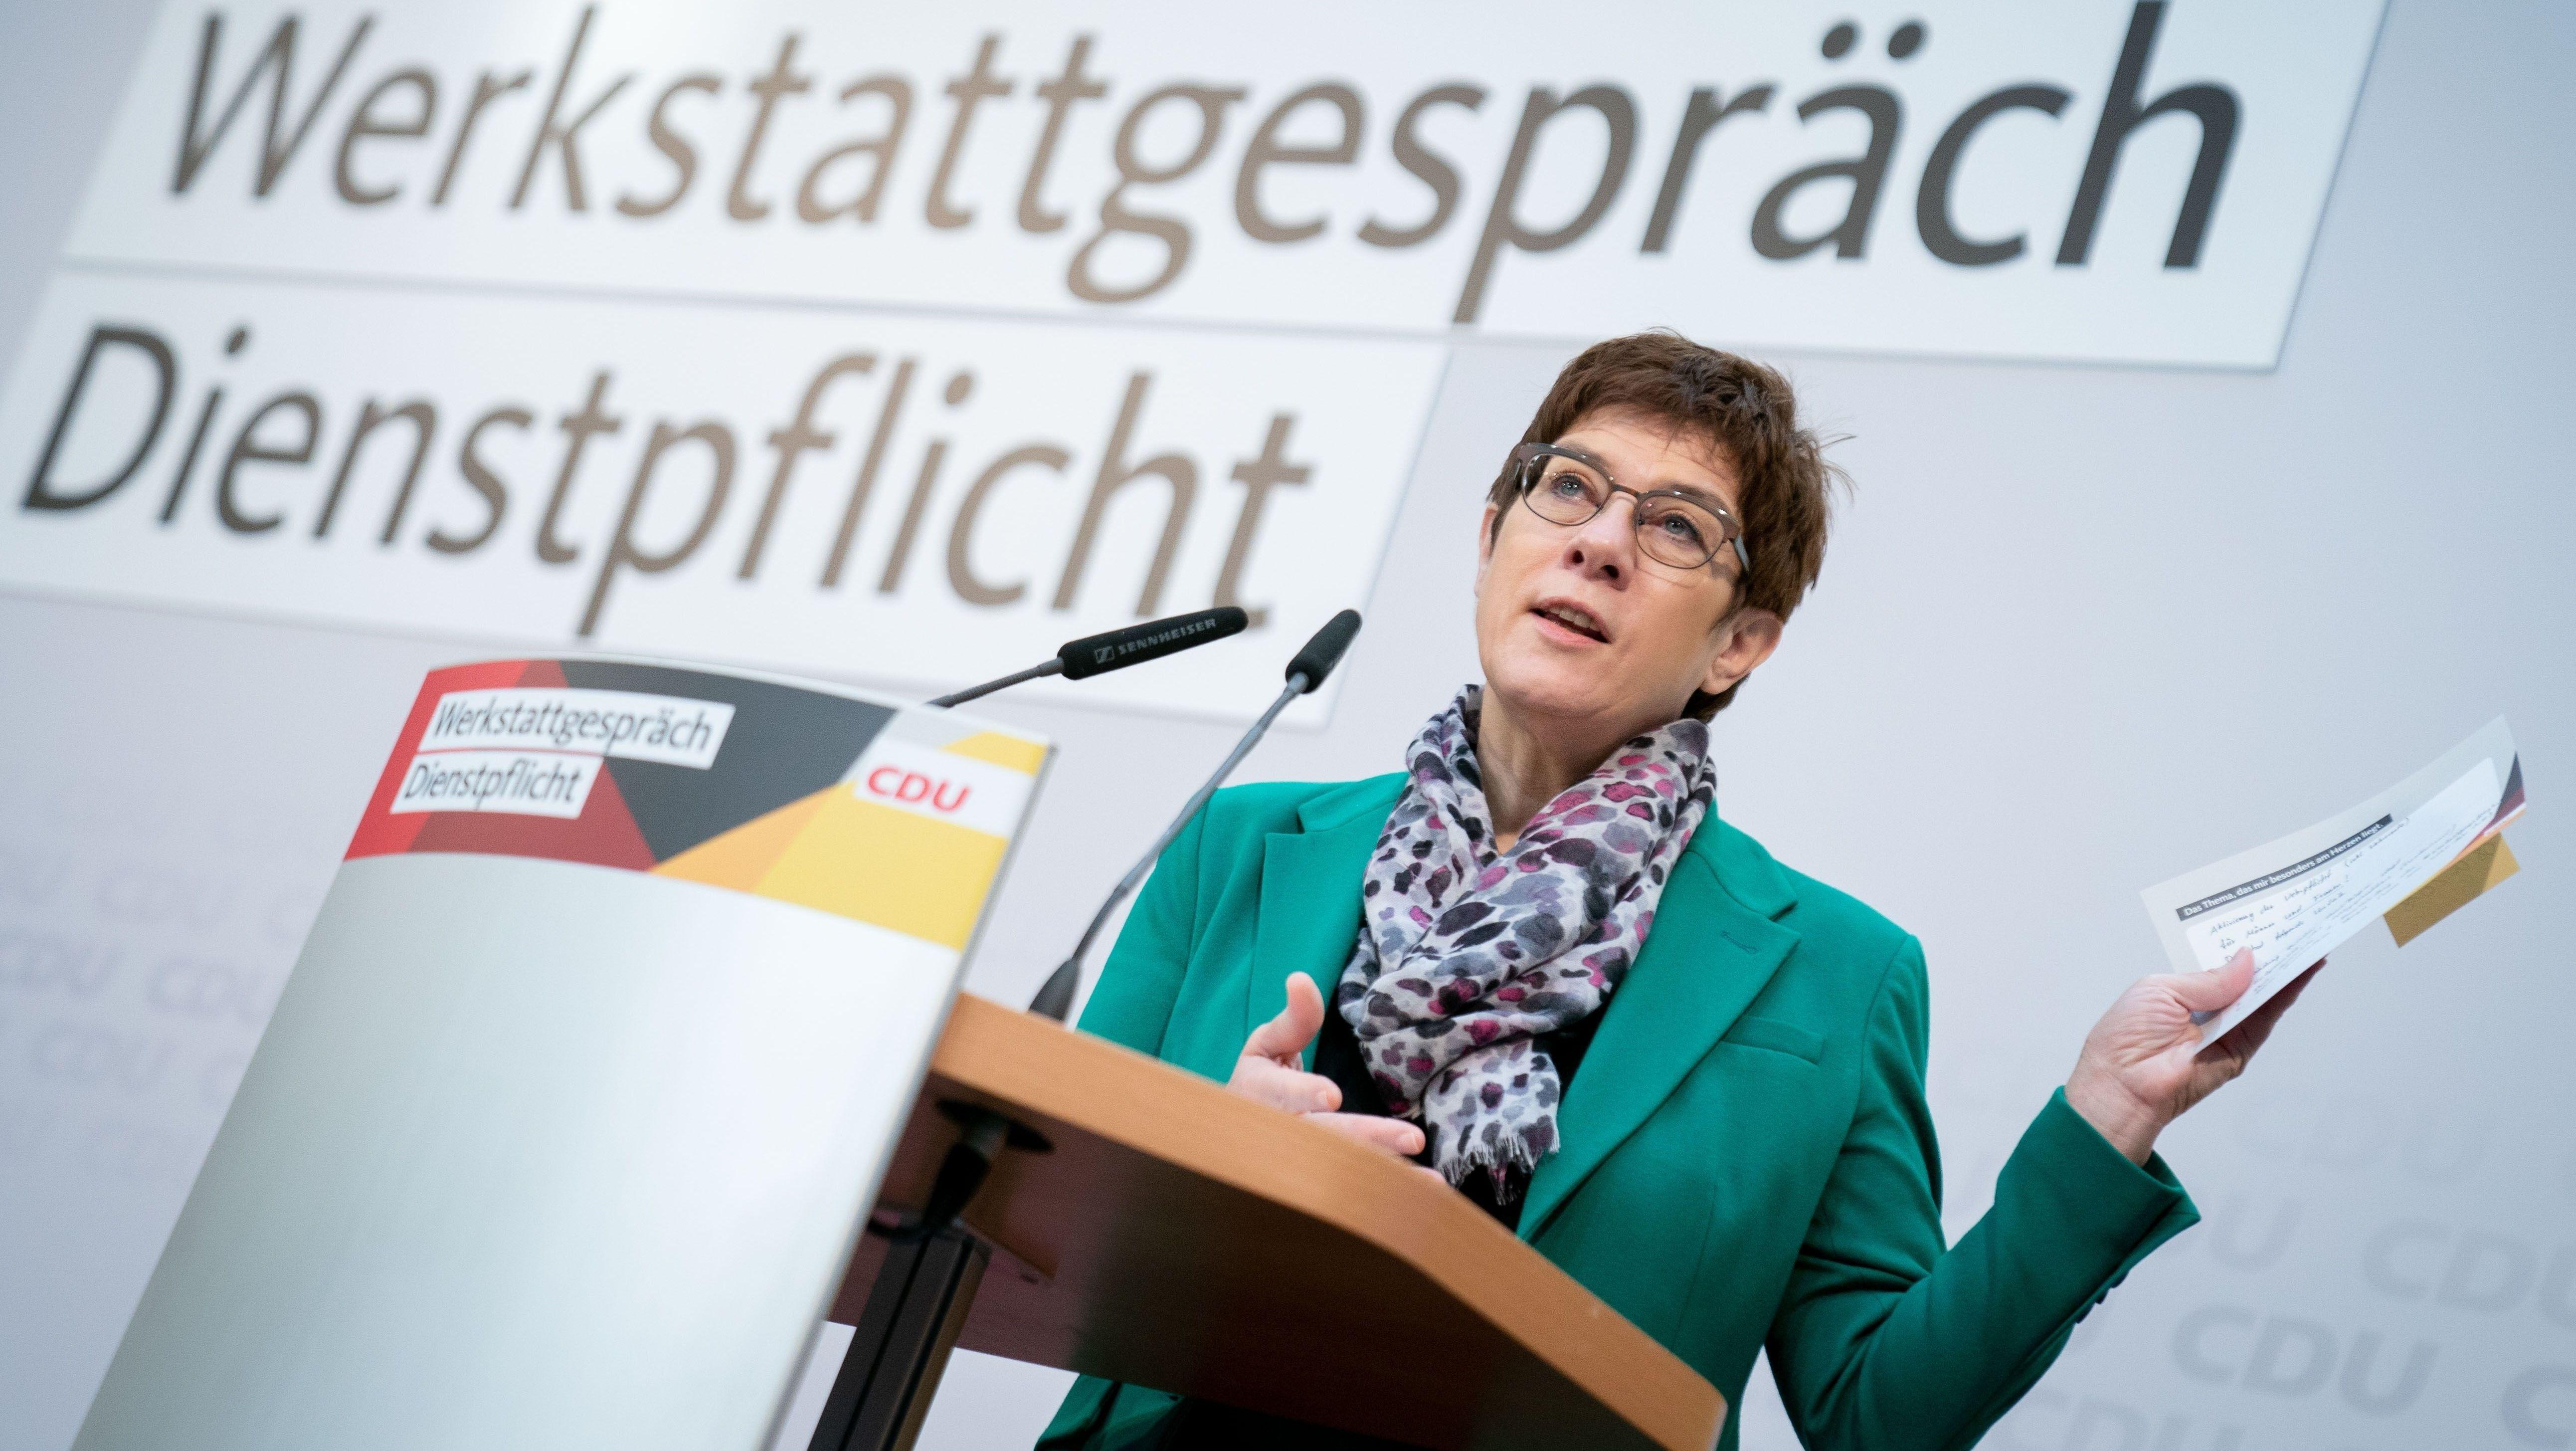 Annegret Kramp-Karrenbauer beim Werkstattgespräch